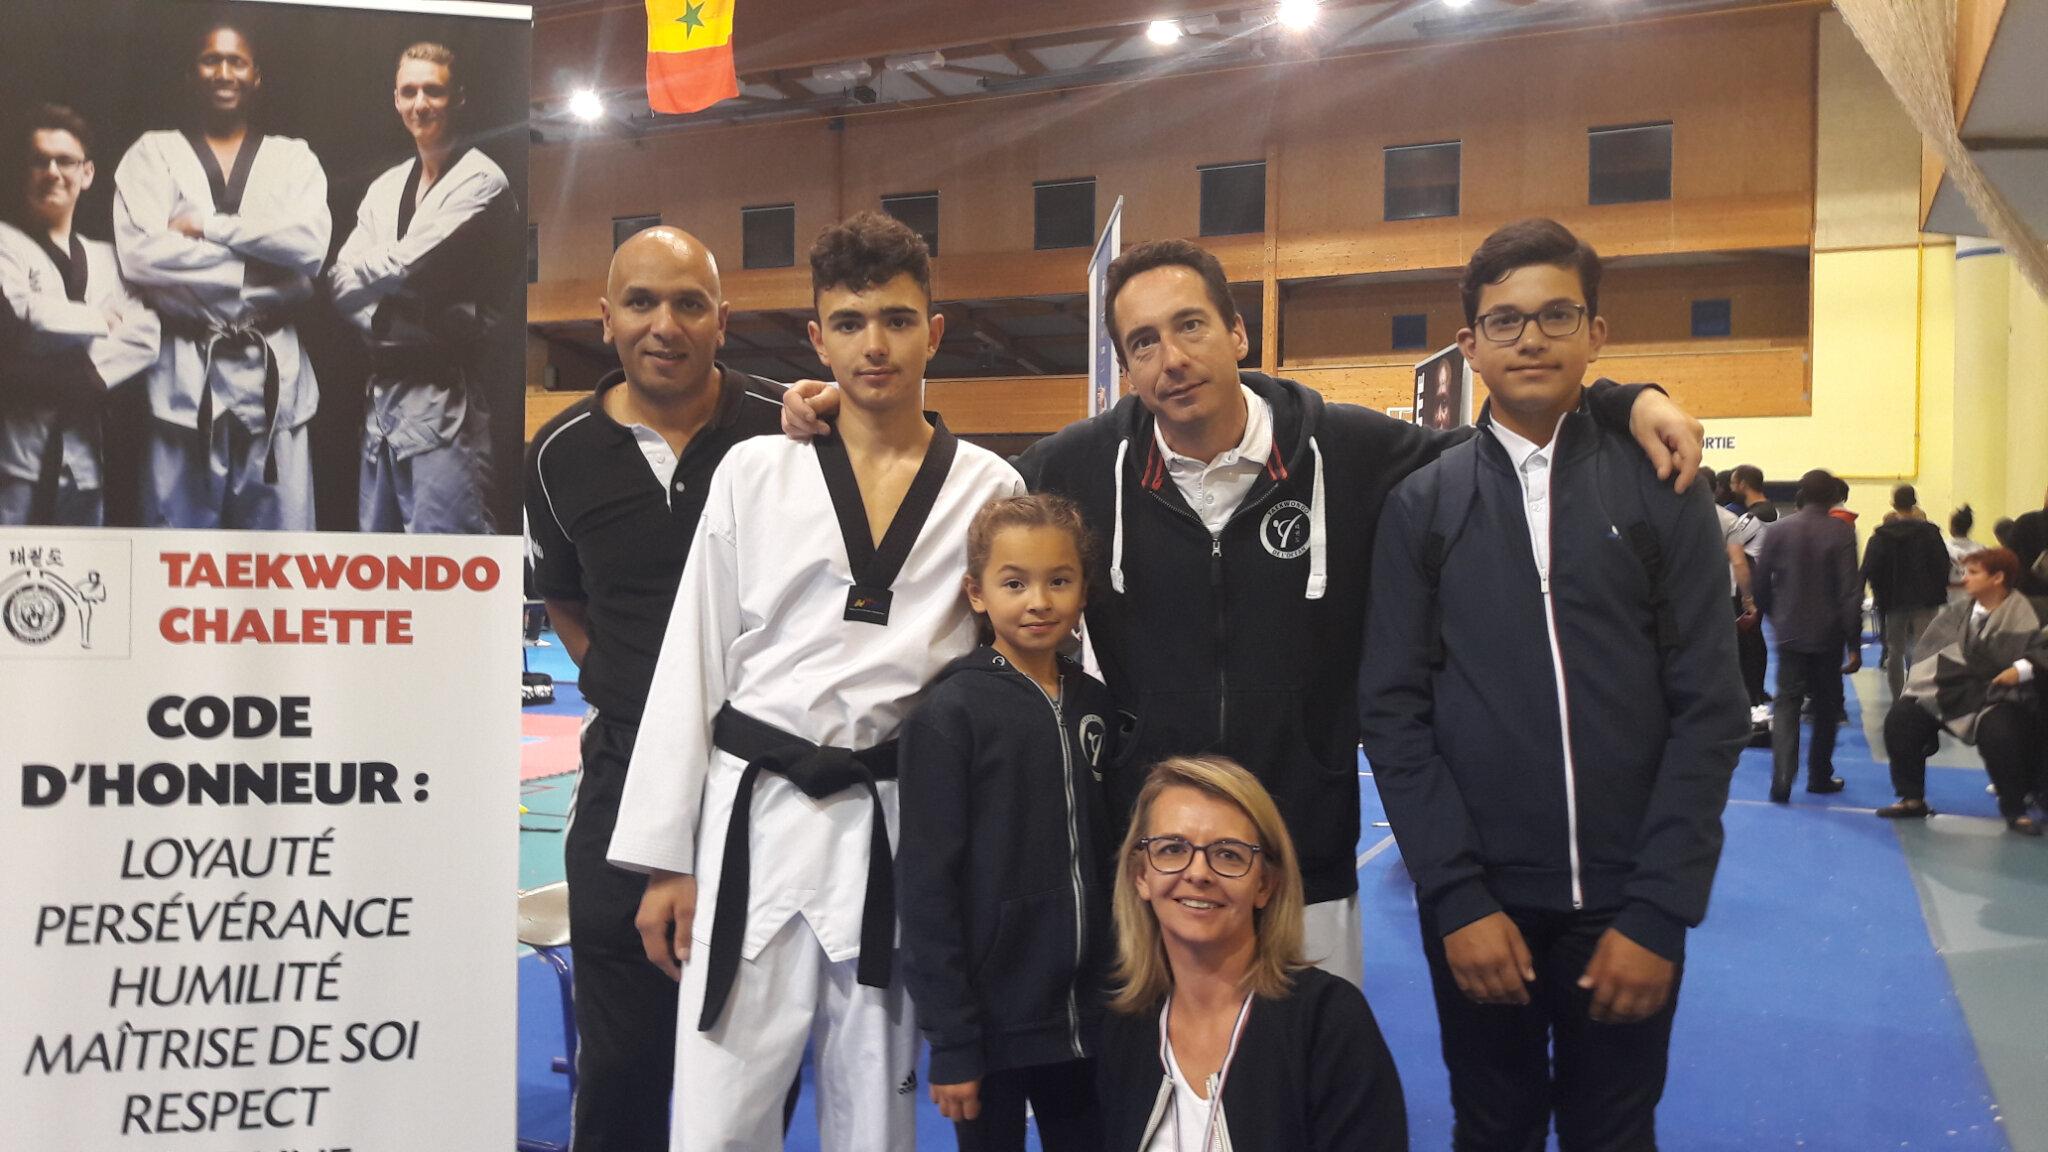 Open de Chalette du 21/10/2018